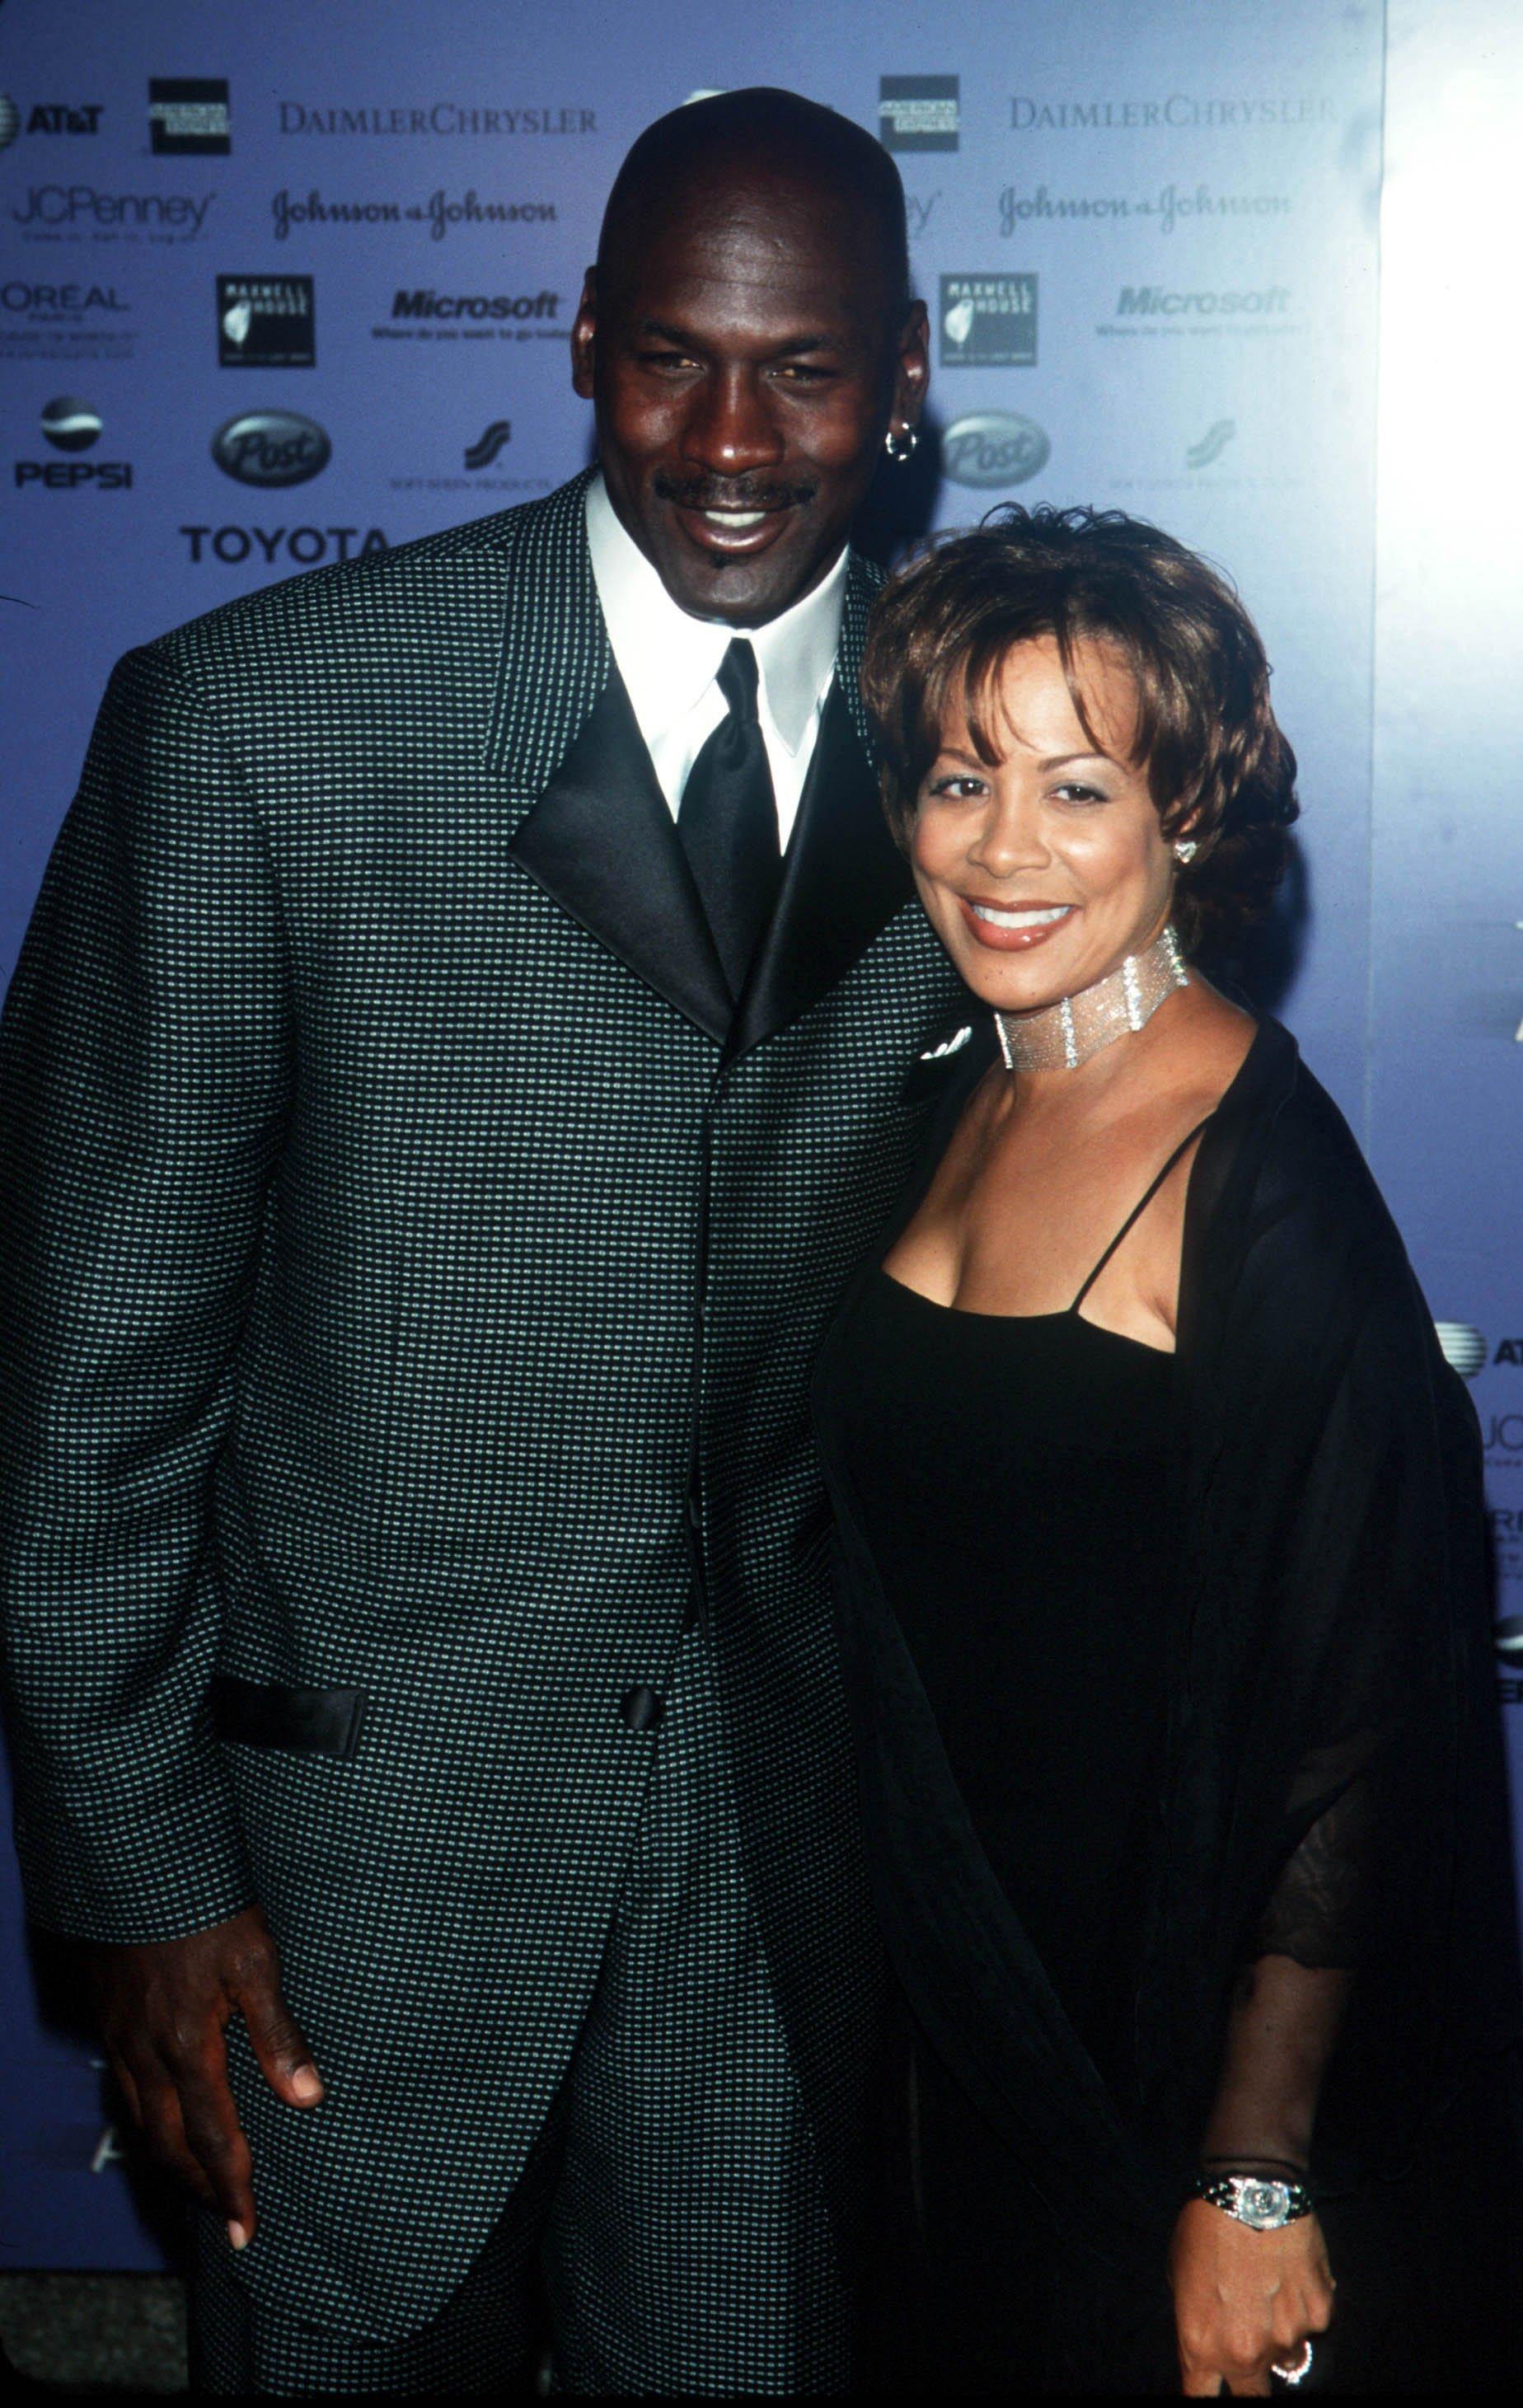 Michael and Juanita Jordan. I Image: Getty Images.